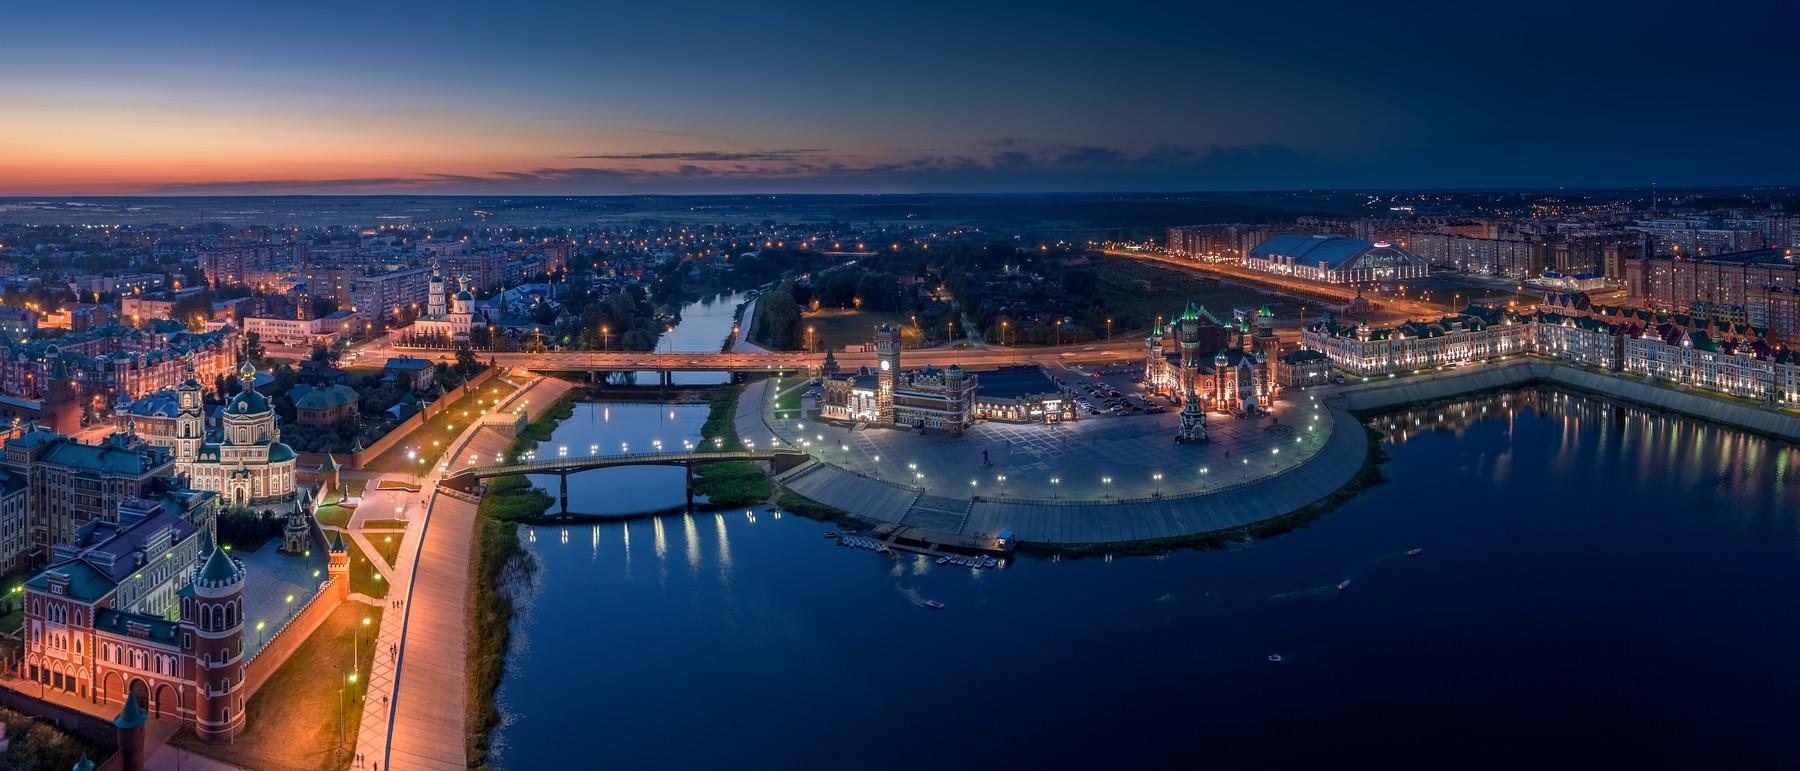 Йошкар-Ола с высоты. Июнь 2019. город как на ладони,фото,аэрофото,аэрофотосъемка,высота,захватывающие картинки города,Йошкар-Ола,квадрокоптер,красивые фотографии с высоты,все о городе,dji